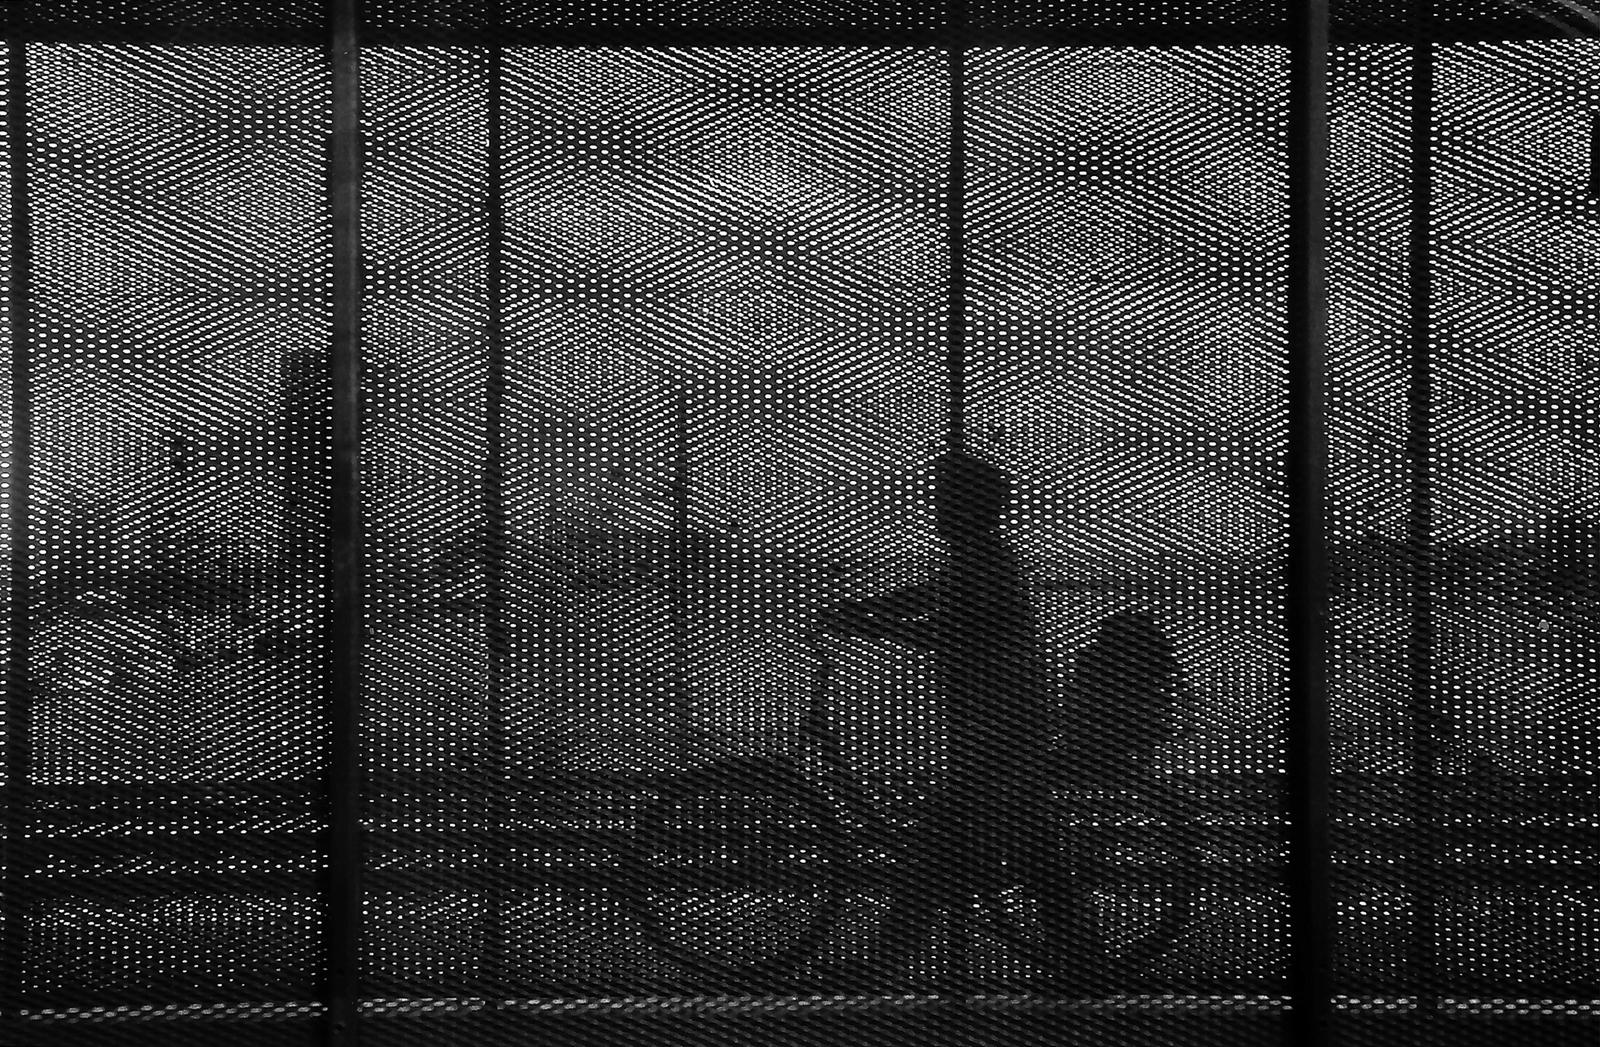 01 Copenhagen 2010